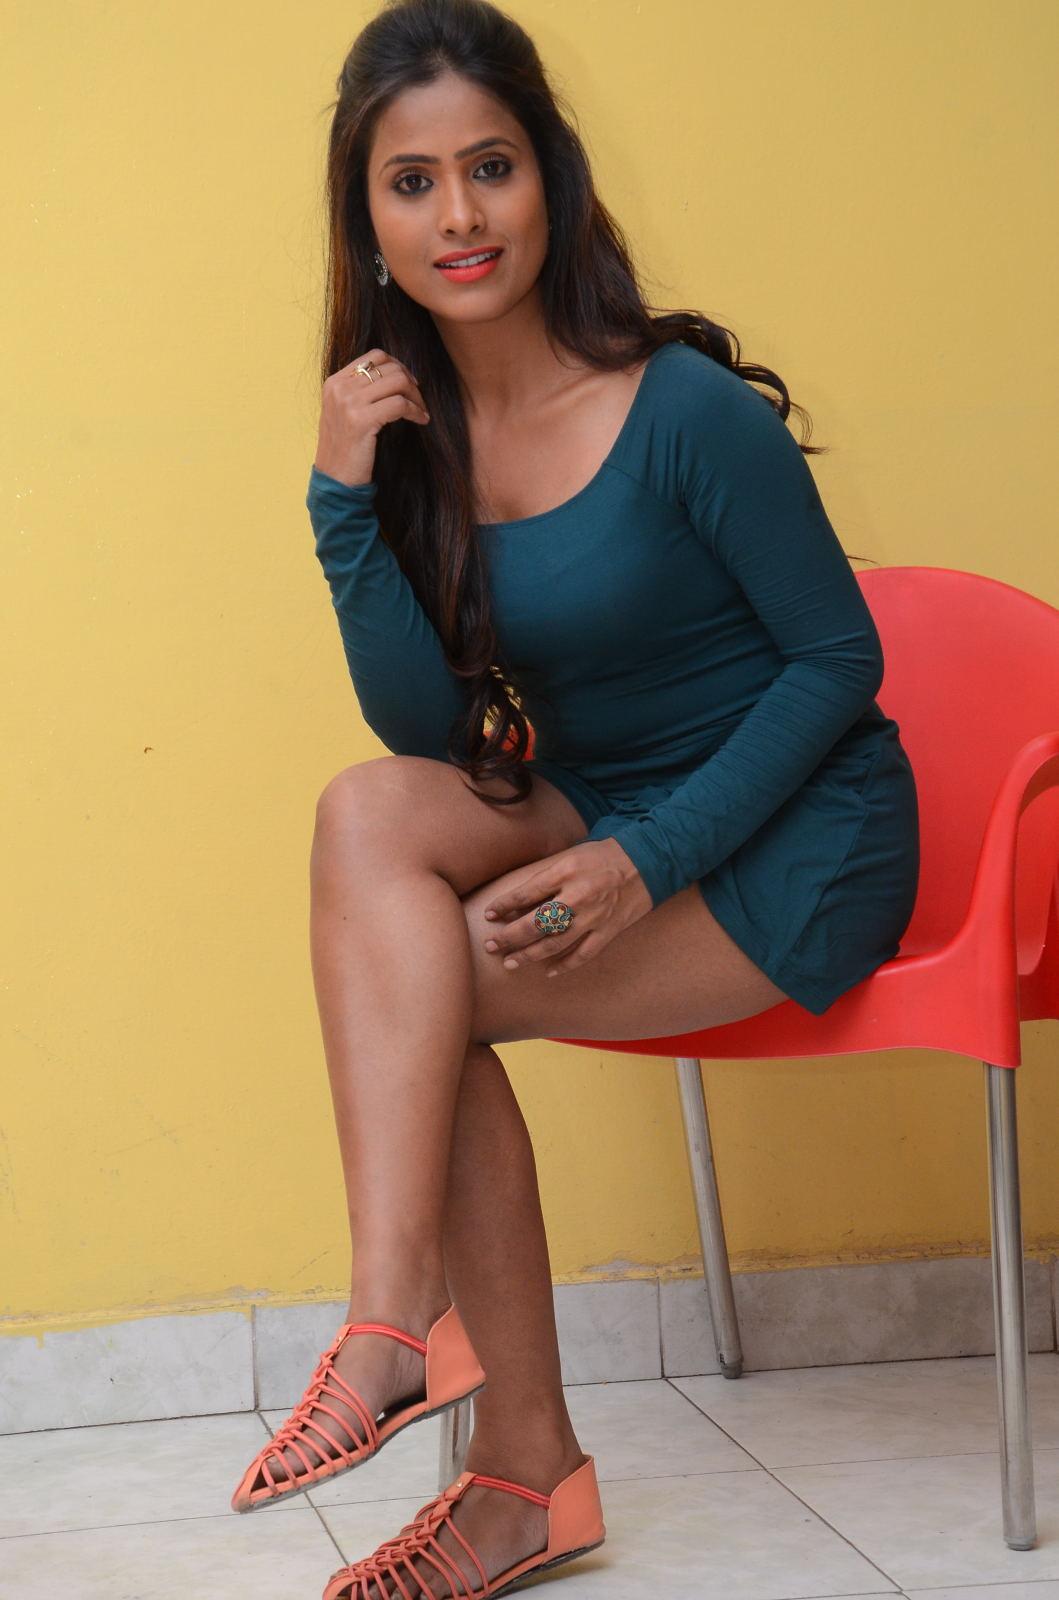 prashanthi Super Hot Prashanthi In Sexy Outfit | Indian Cinema | Models | Actresses Prashanthi Hot Photo Stills 135